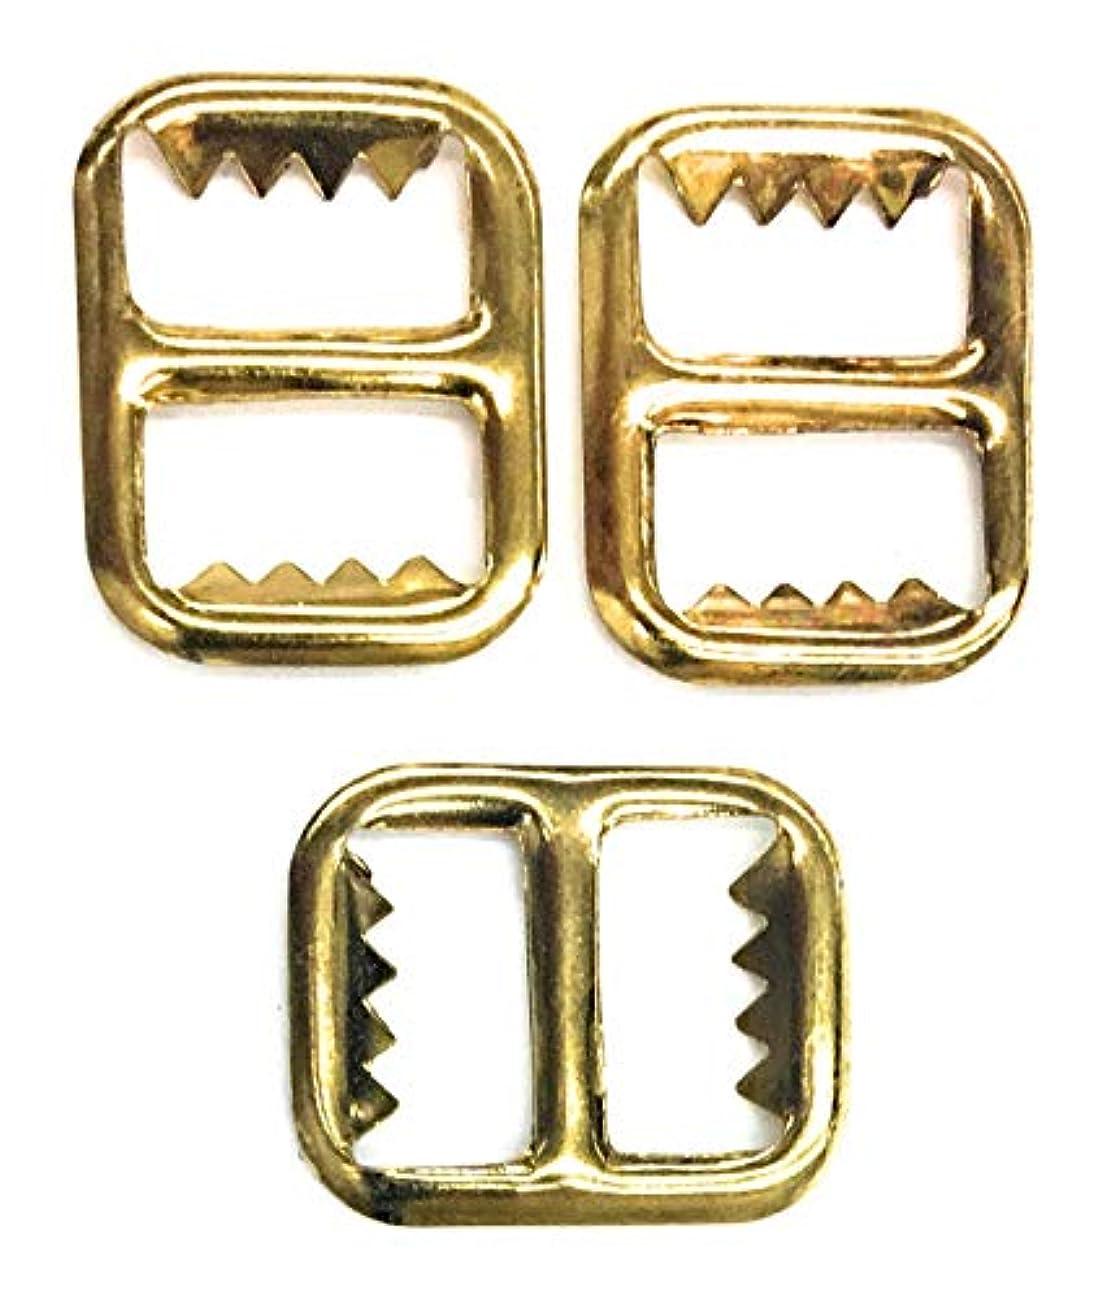 2 Vest Gold Buckle, Slide Fastener, Gold Plating- Gold Vest Buckle 1/2